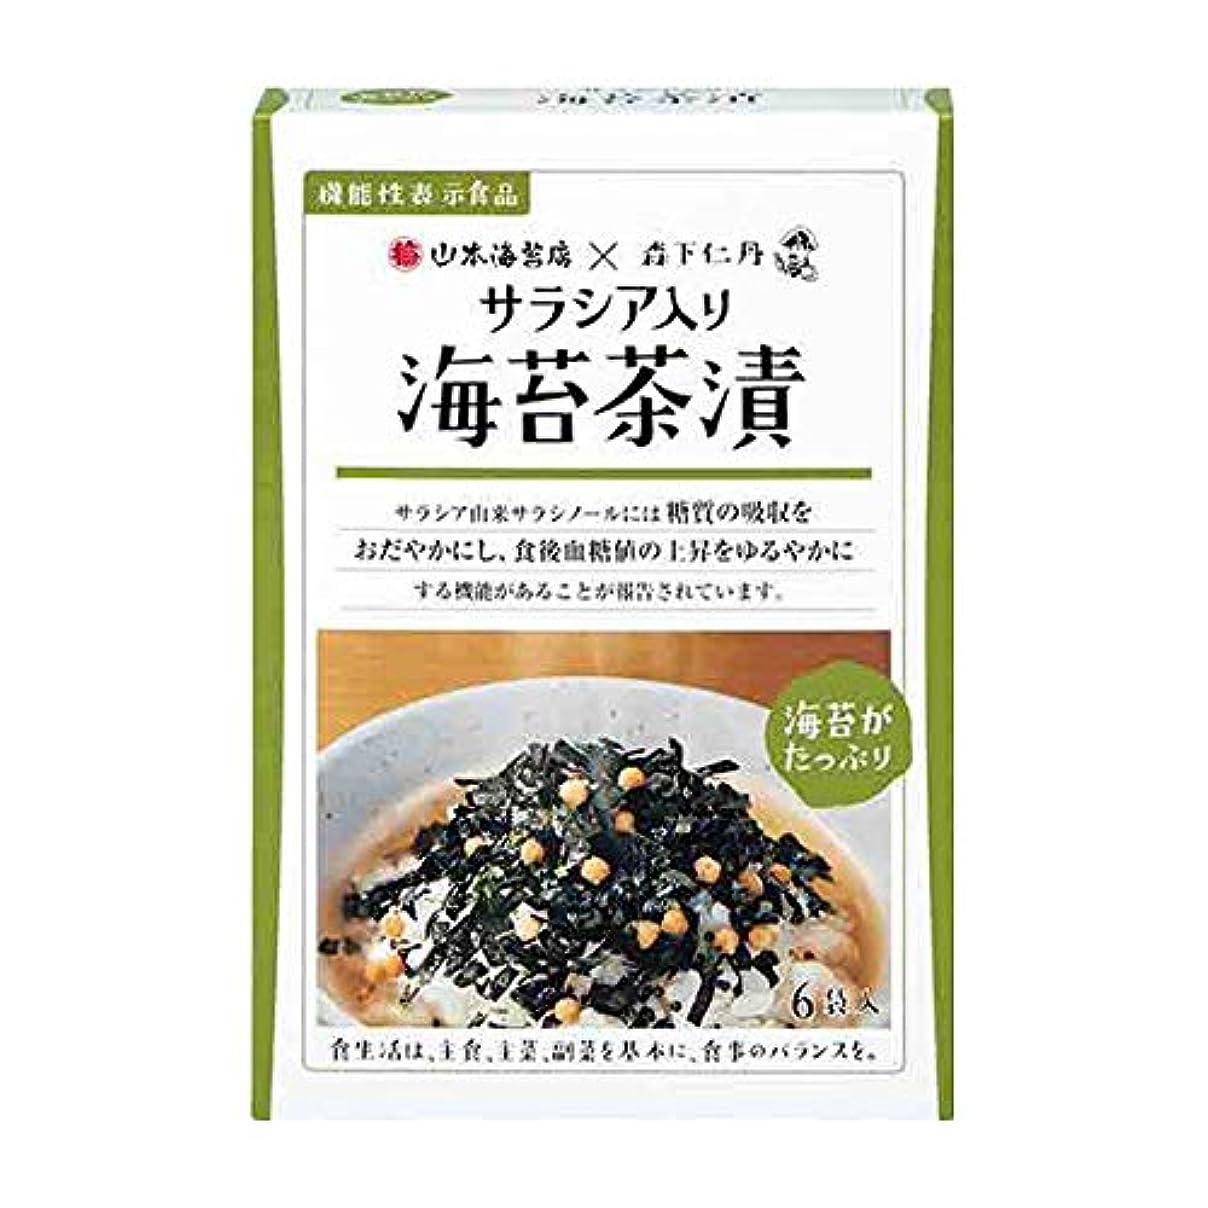 水激怒成果森下仁丹 海苔茶漬 サラシア入り (6.2g×6袋) [機能性表示食品]